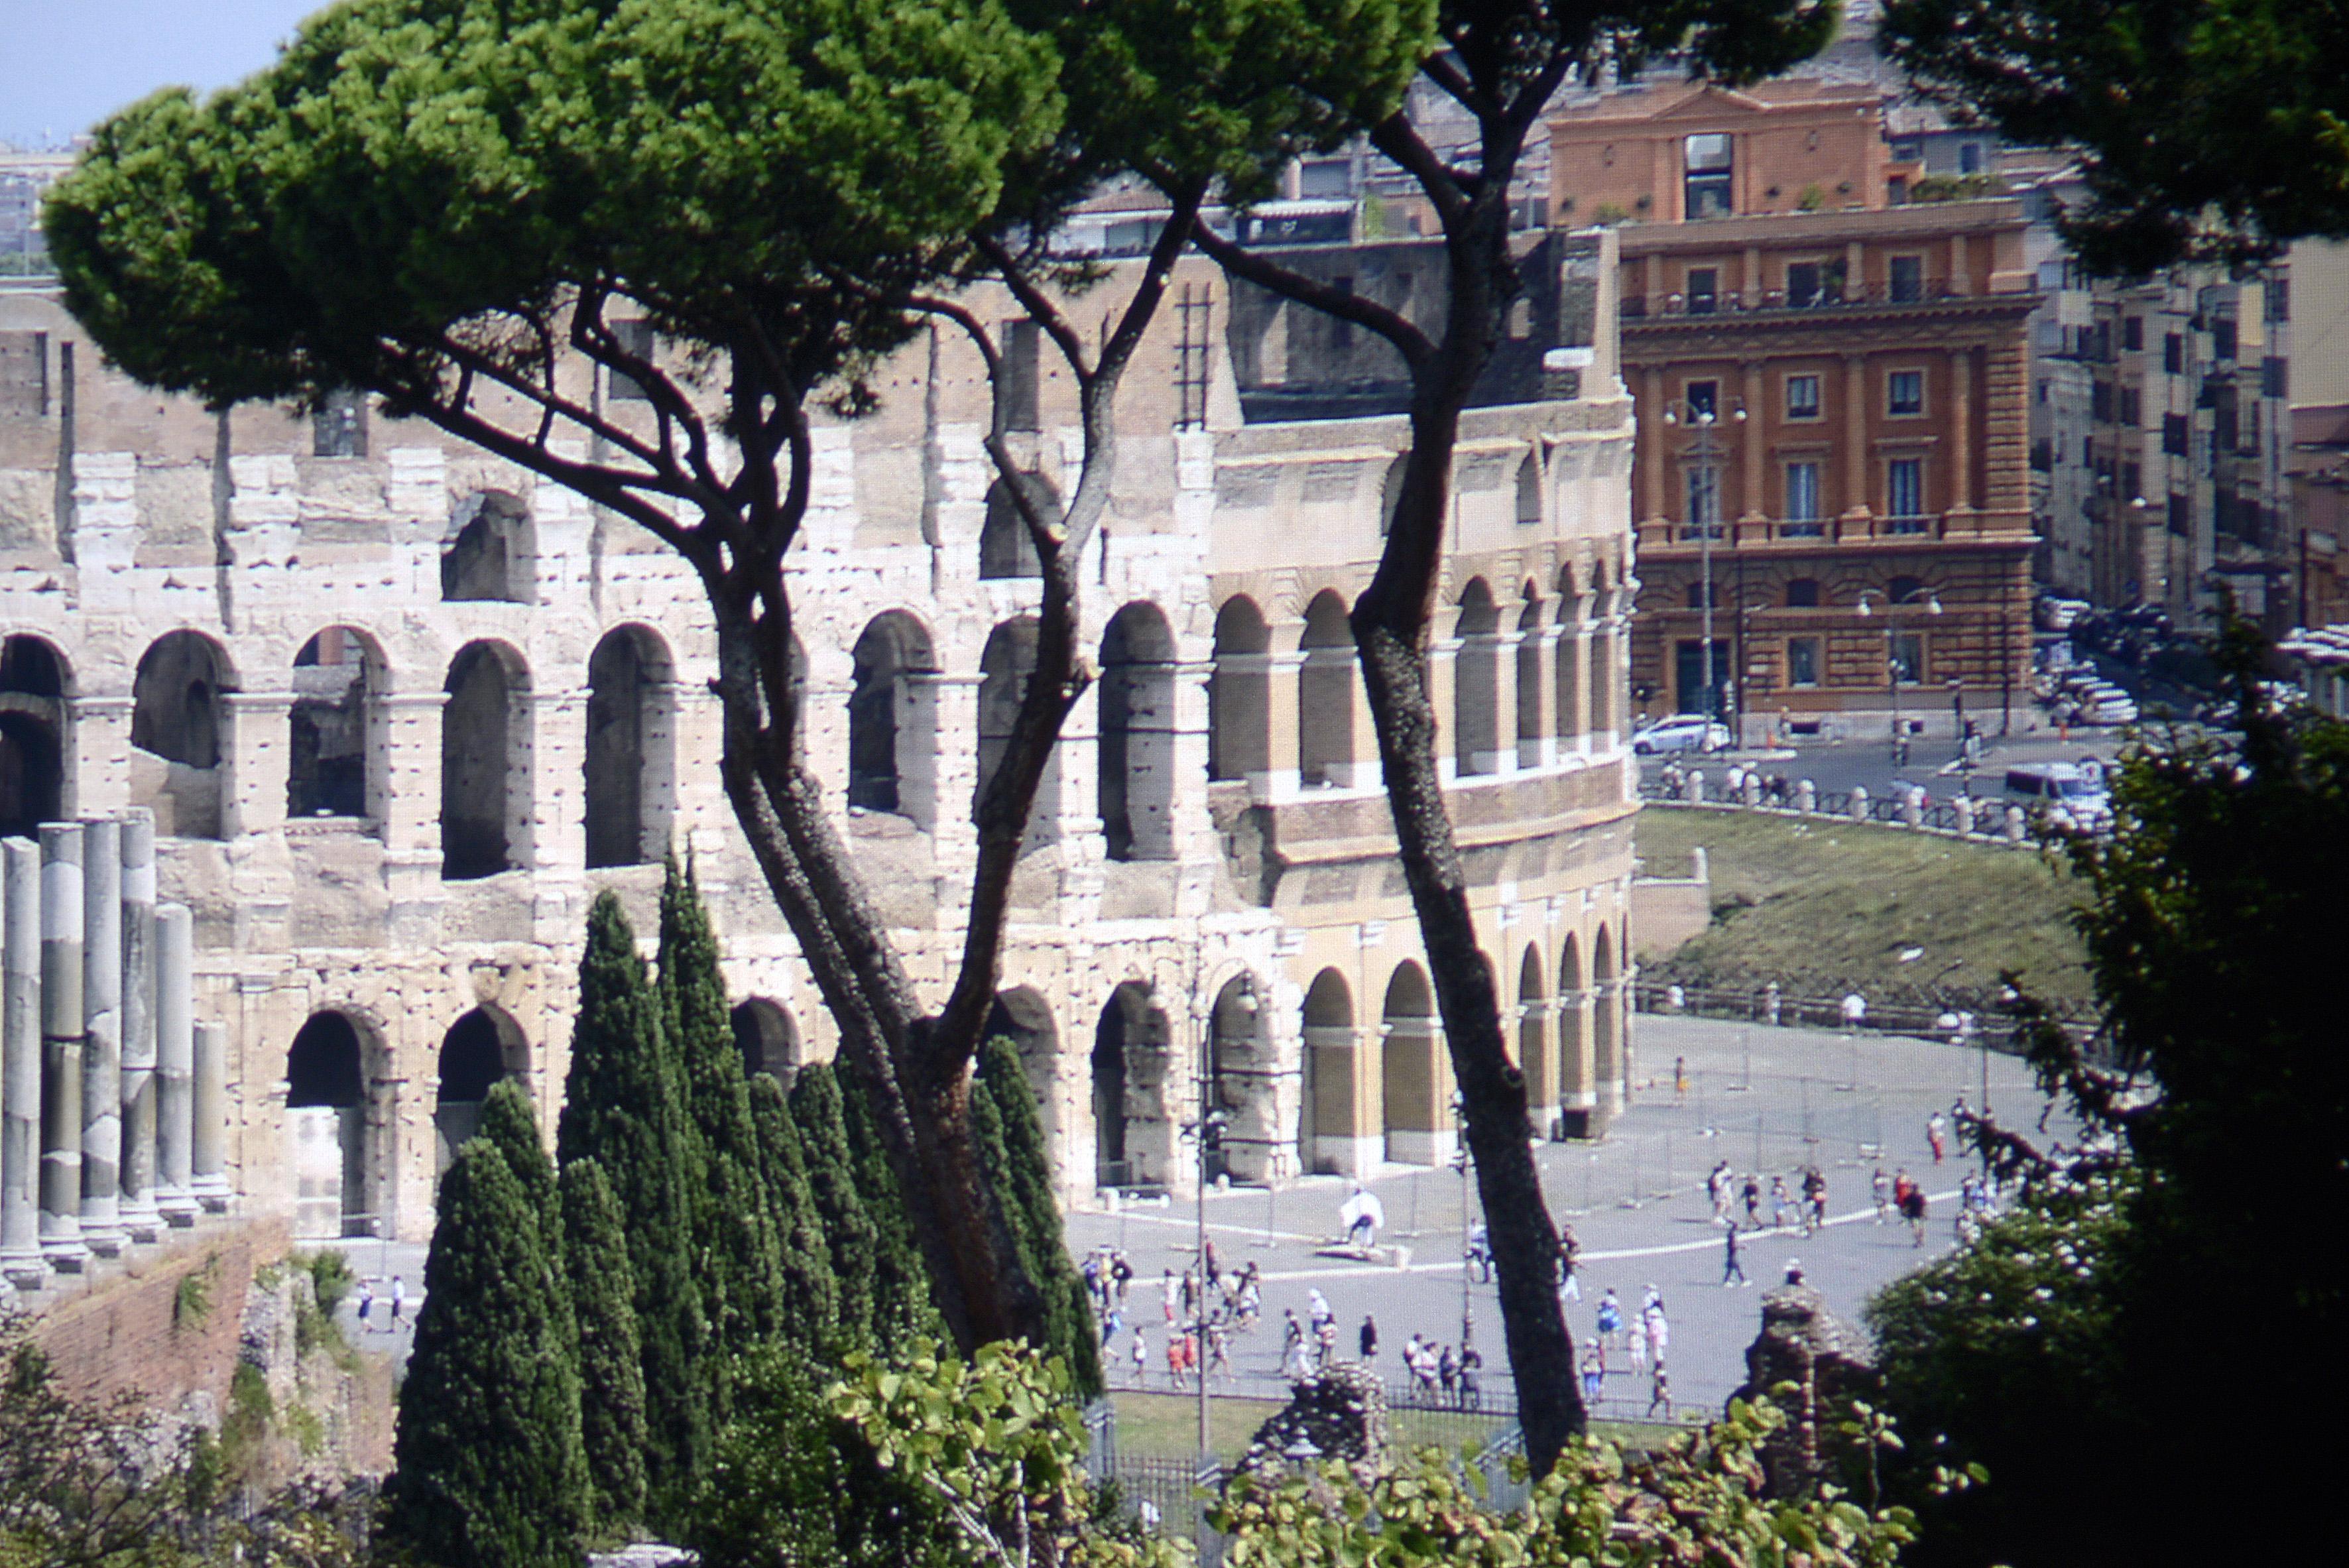 Foto: Michael B. Rehders Eine weitere Aufnahme habe ich in Rom geschossen. Auf dem Platz vor dem Kolosseum sind einzelne Personen gut konturiert. Das Gebäude im Hintergrund zeigt alle einzelnen Steine. Selbst die feine Struktur der Mauer auf dem oberen Innenring des Kolosseums ist sichtbar. Darüber hinaus gelingt die nuancierte Darstellung der verschiedenen Grünfarbtöne der Bäume und Sträucher ganz hervorragend.